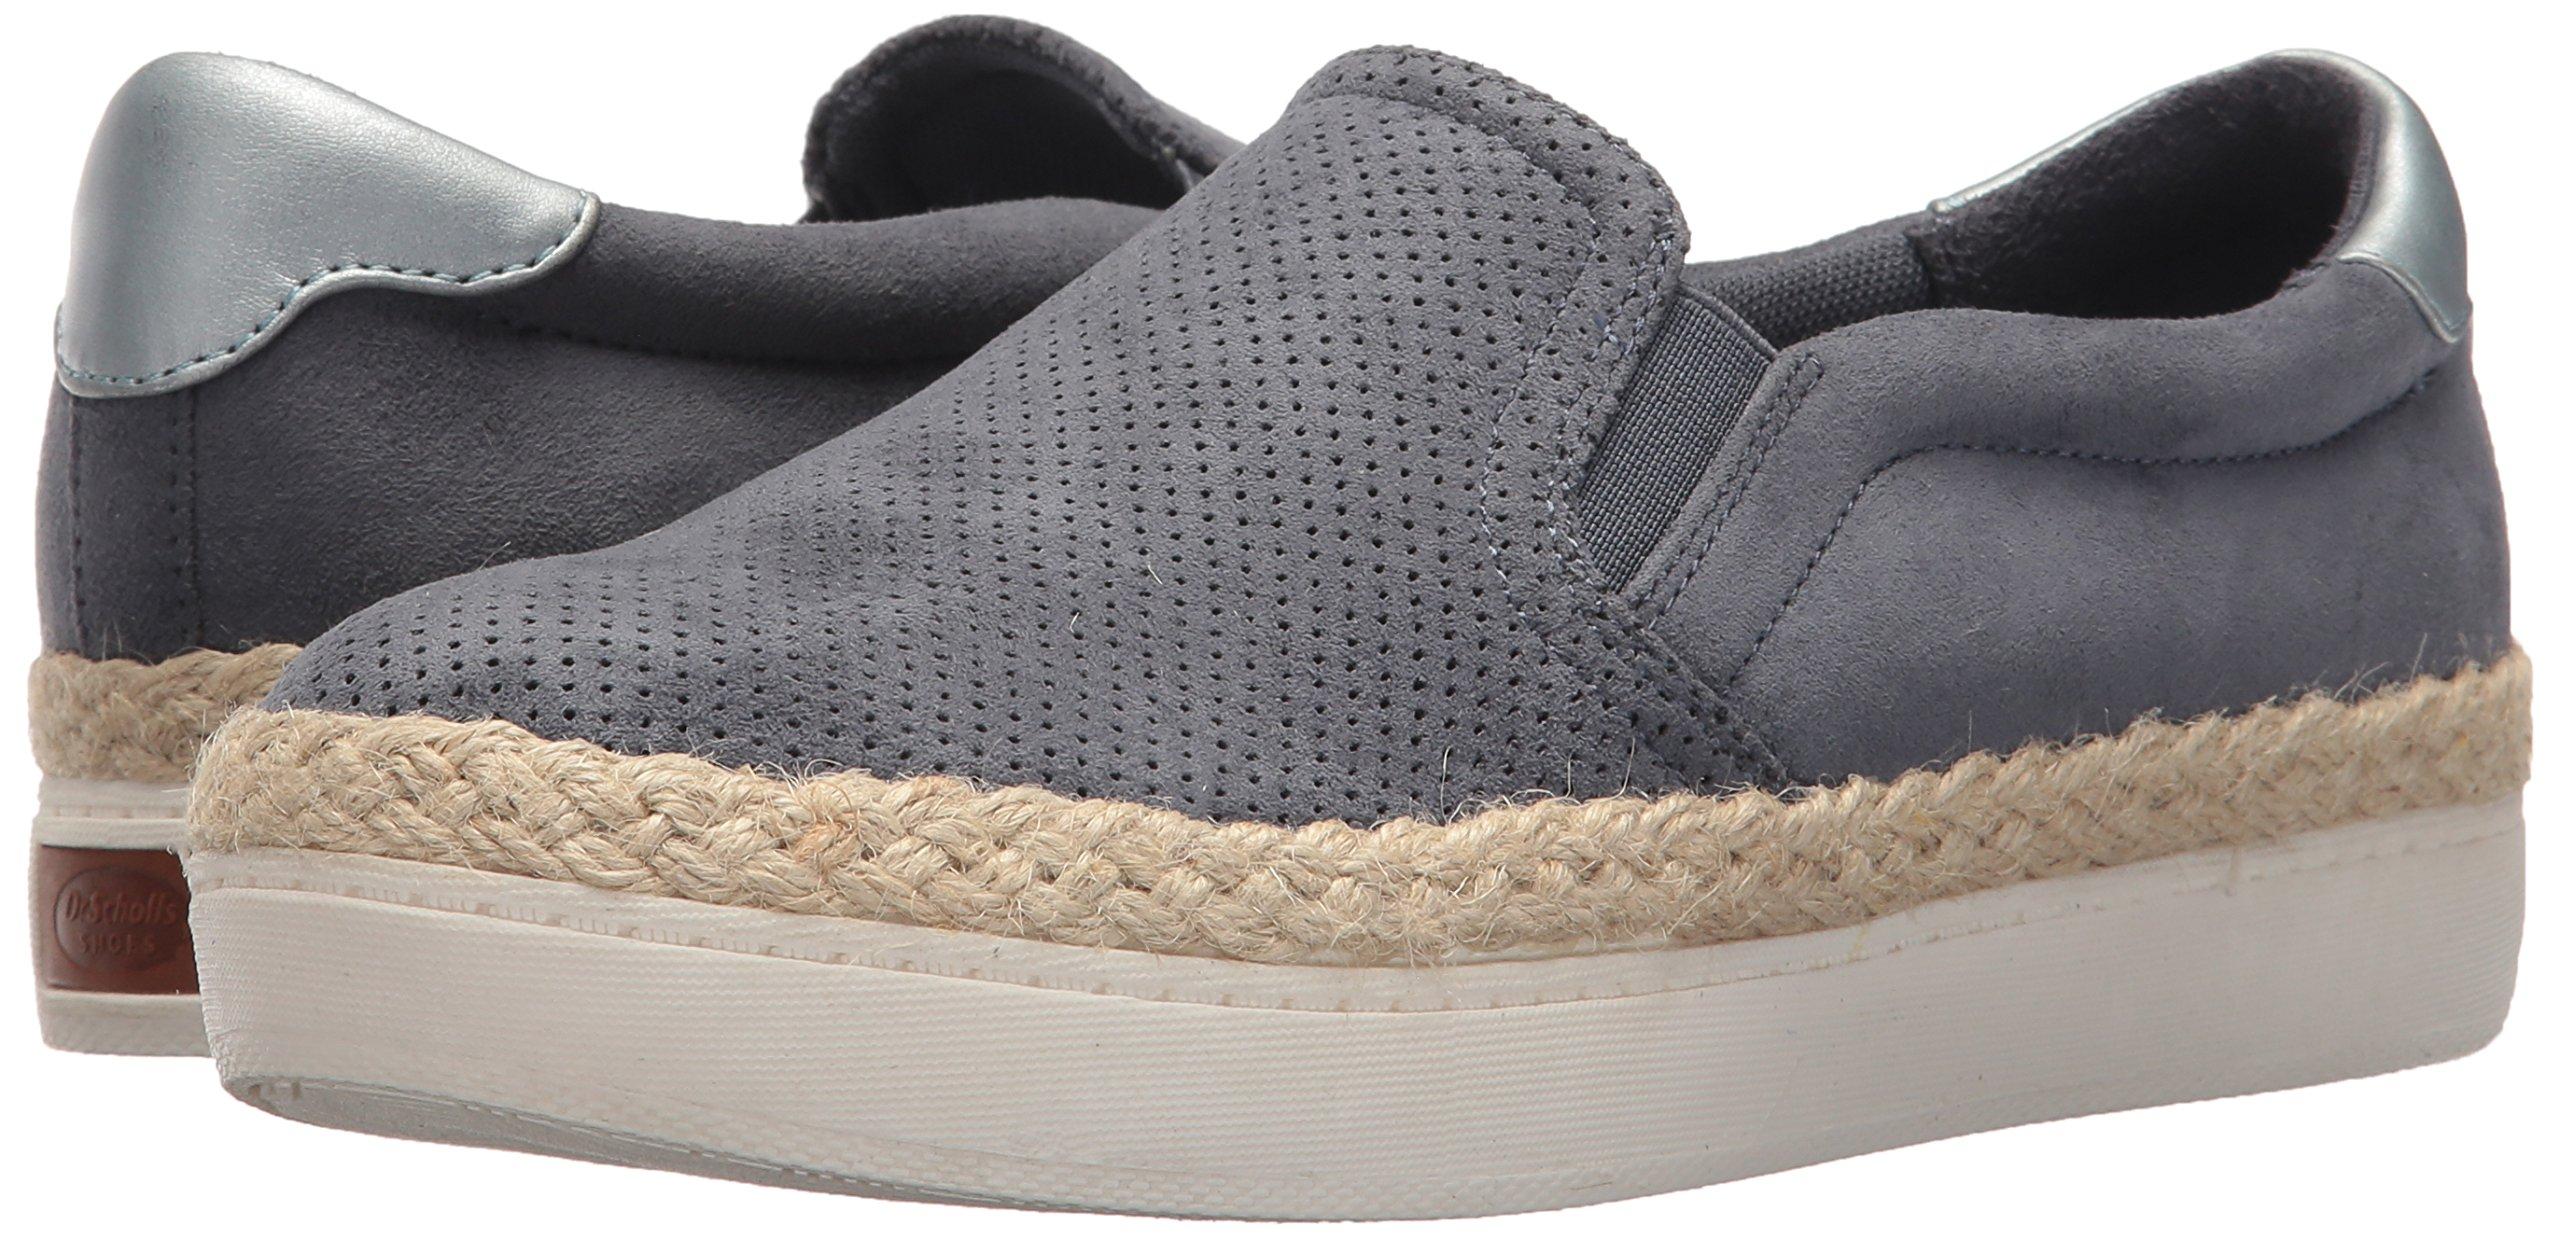 414dd3276fd3d Dr. Scholl's Women's Madi Jute Sneaker Oxide Microfiber Perf 8 M